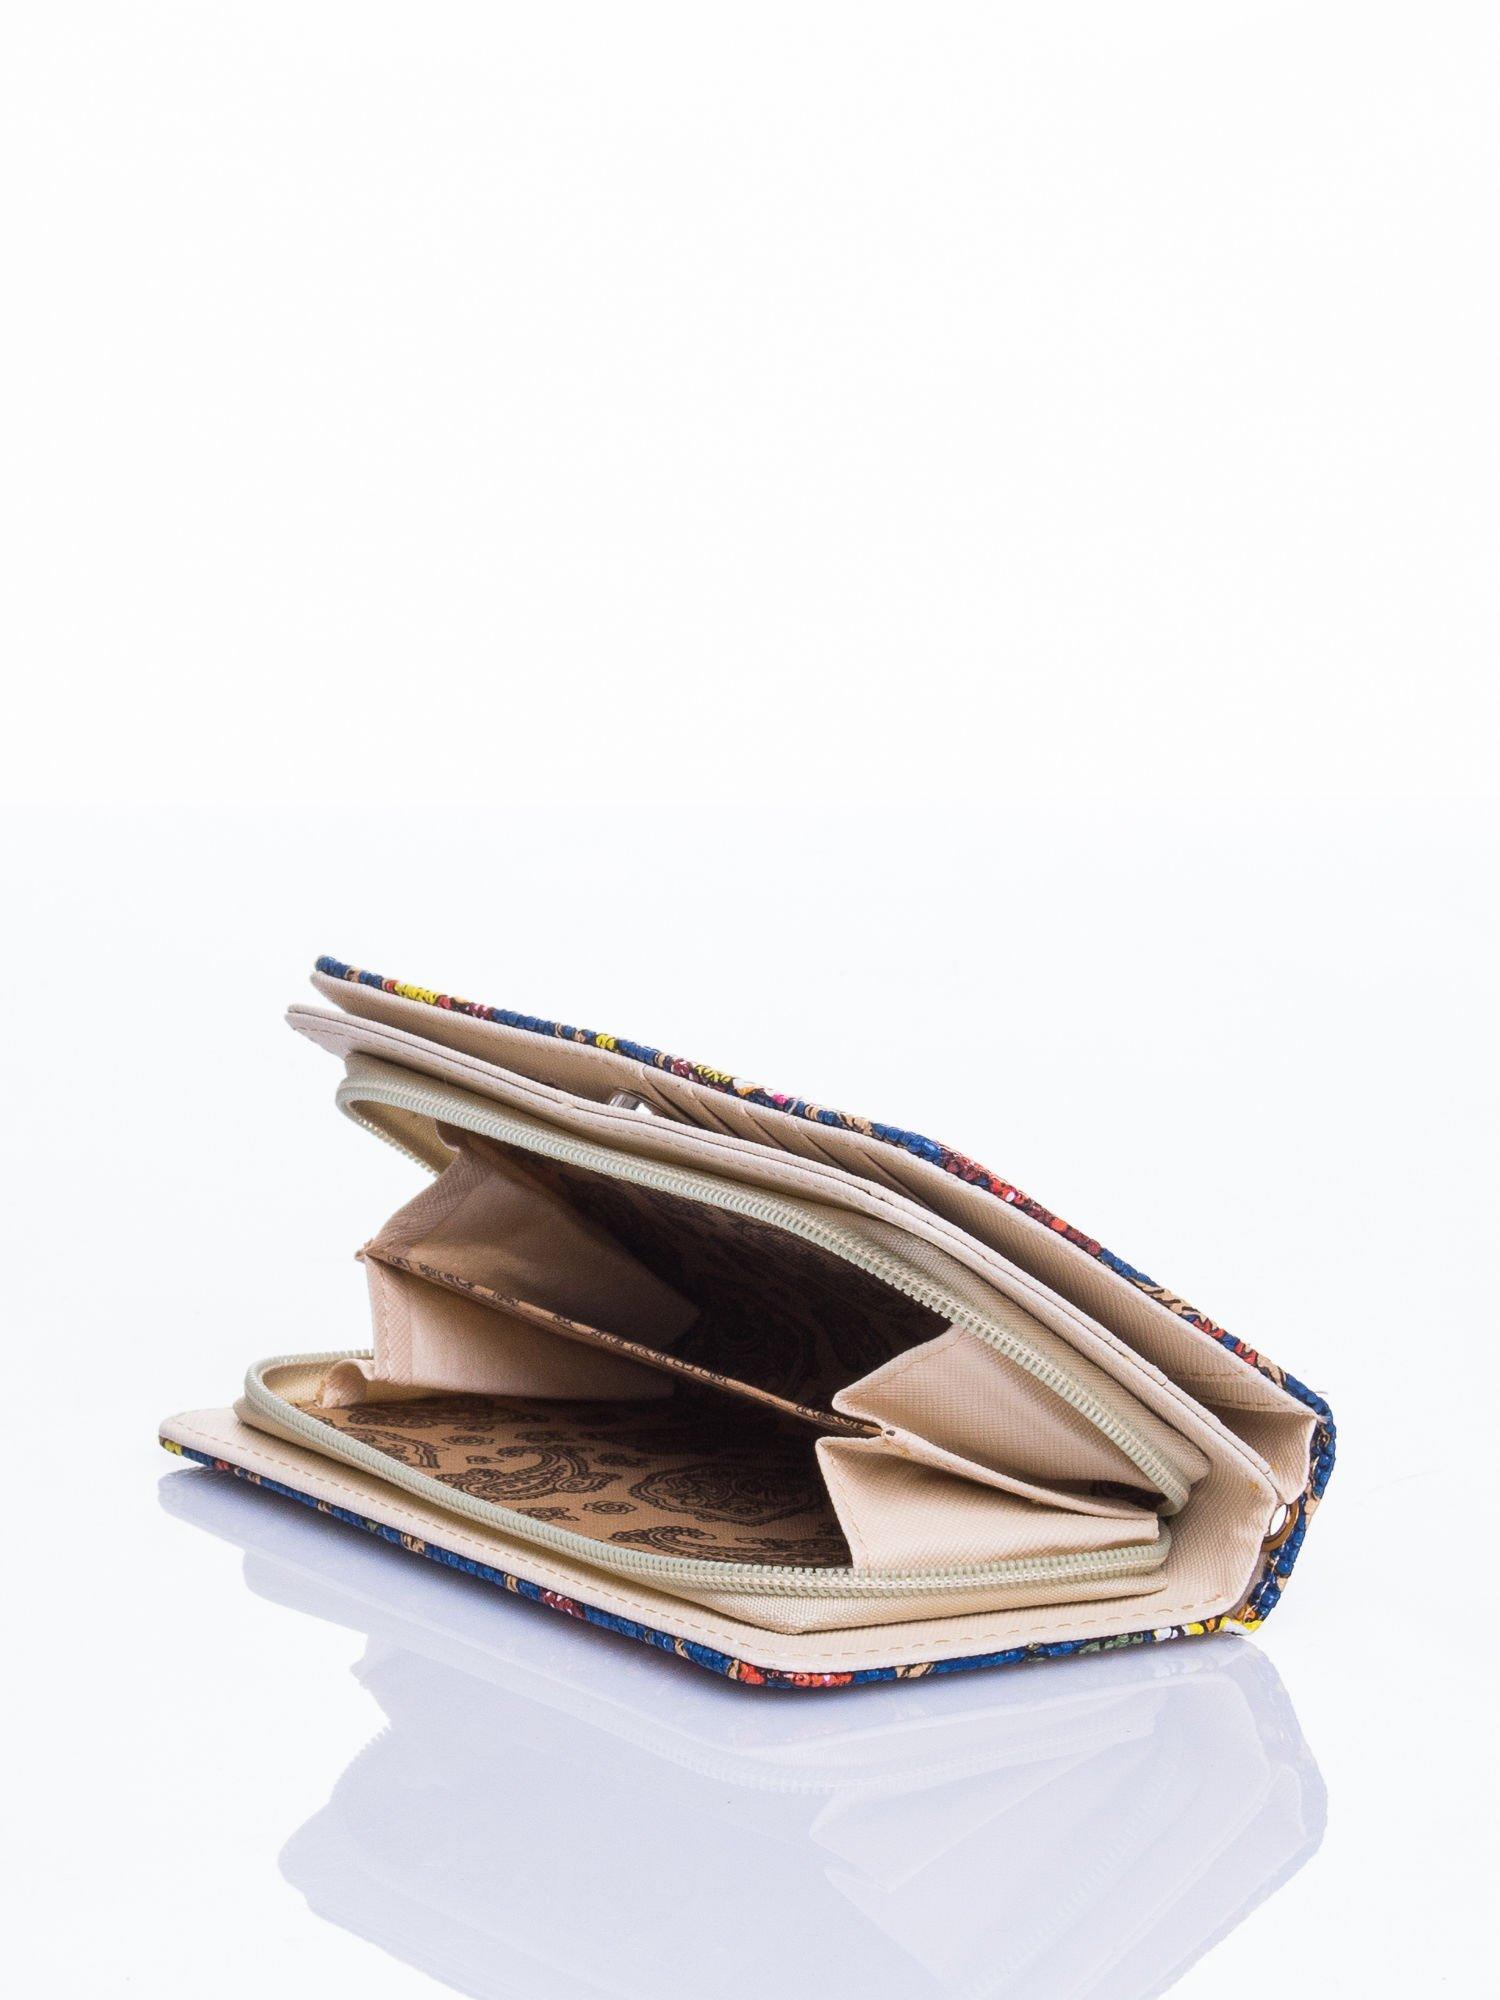 Niebieski portfel w sówki                                  zdj.                                  4